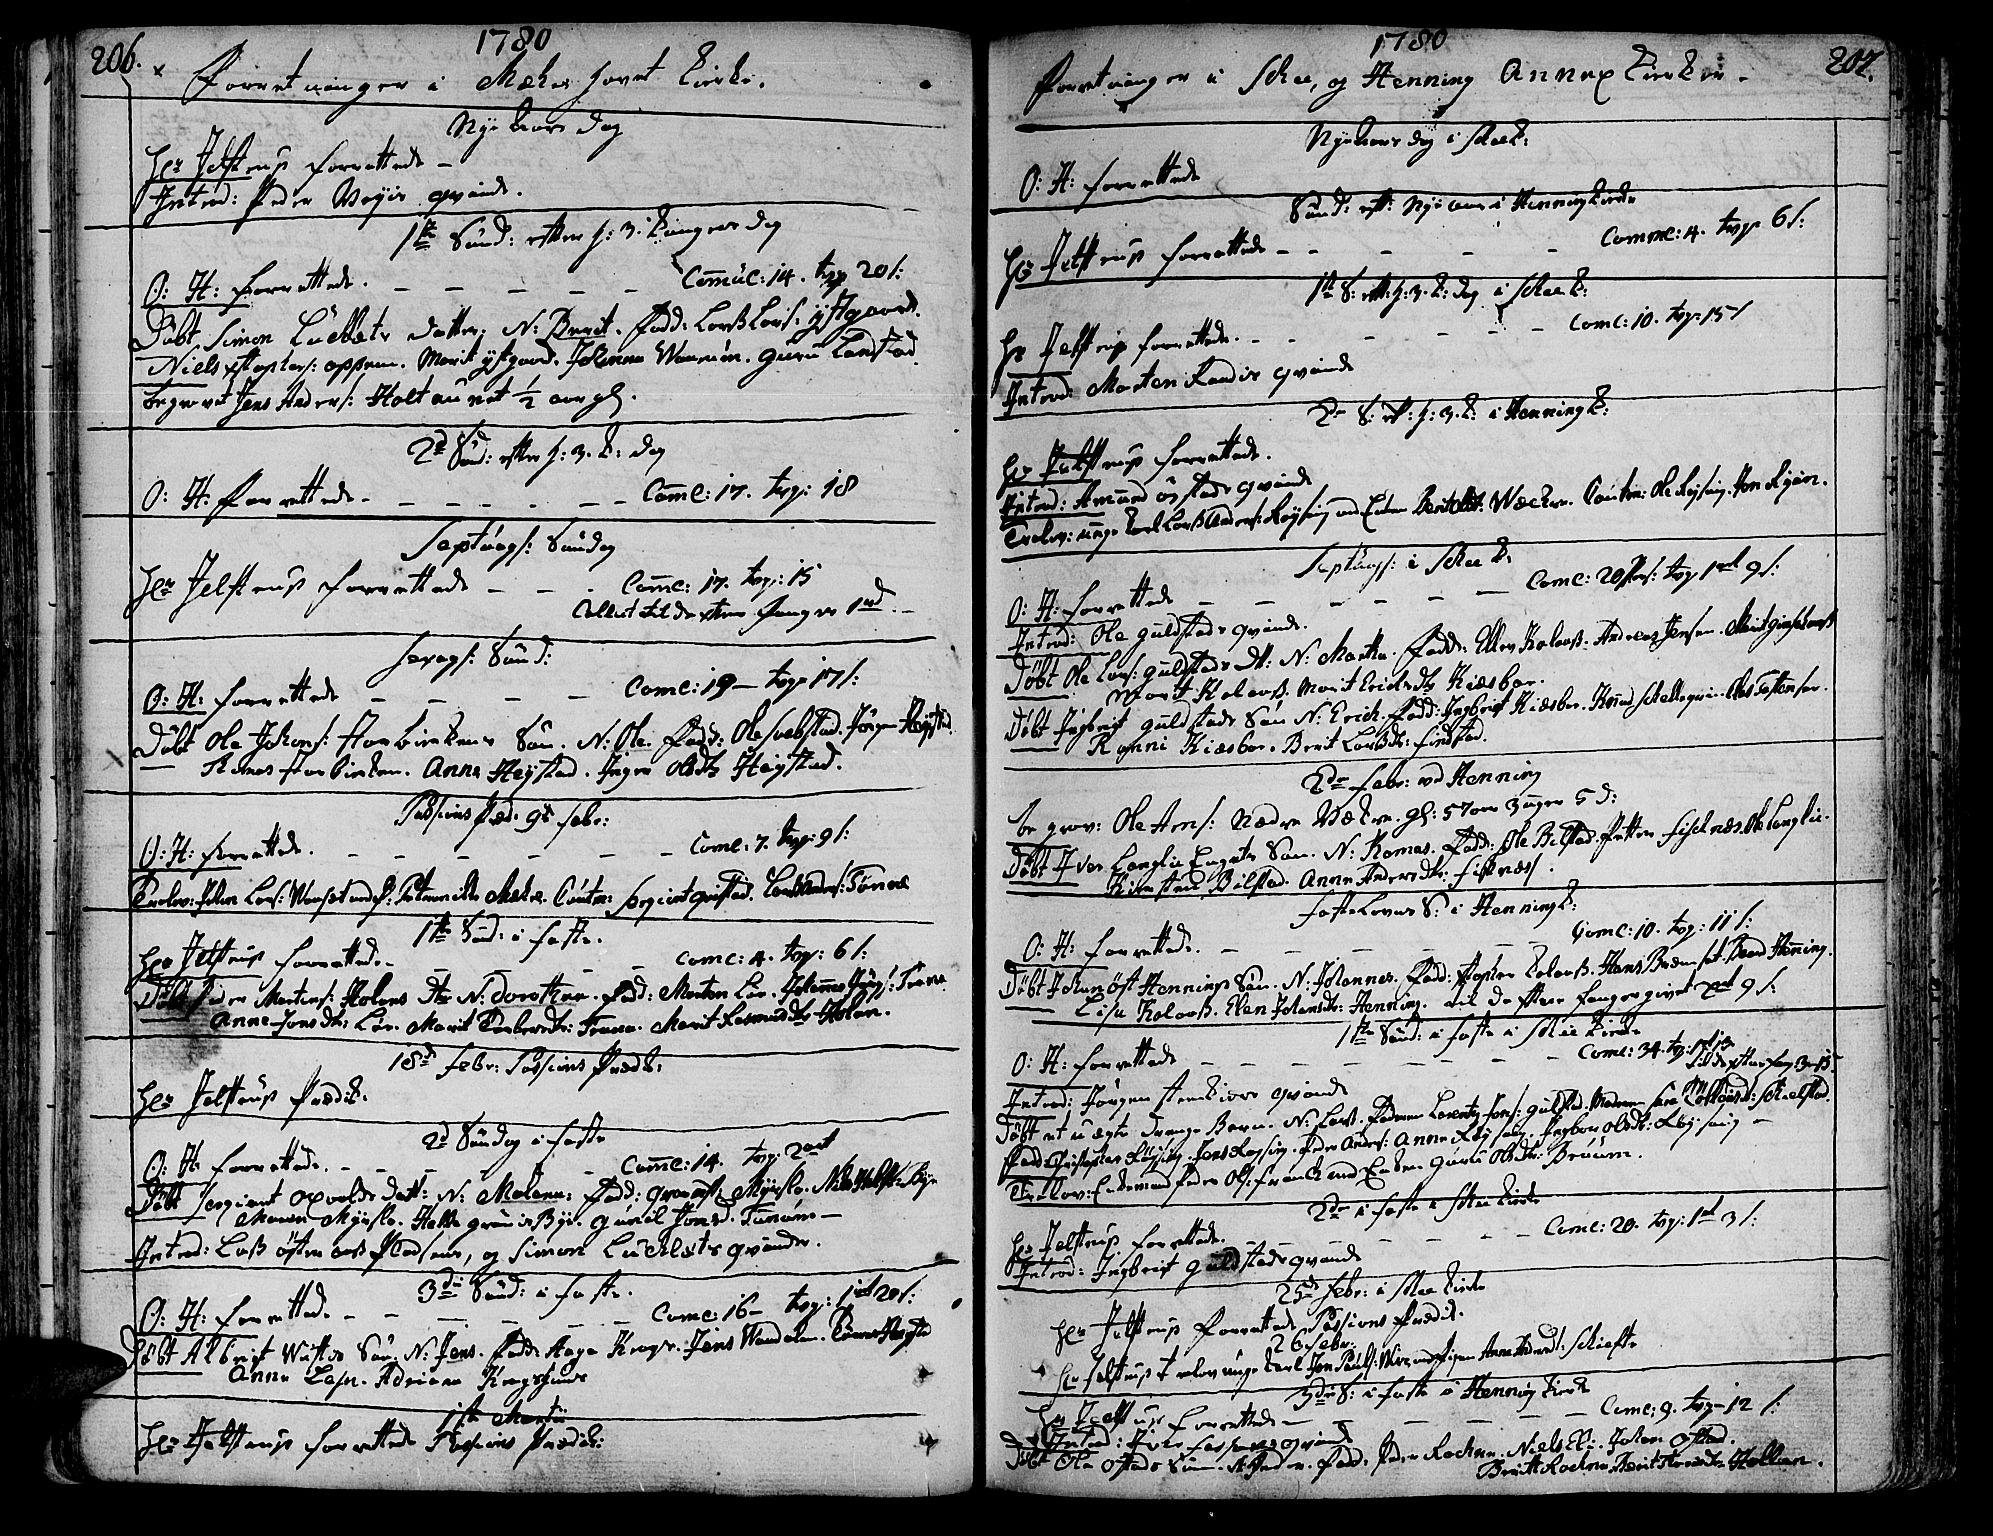 SAT, Ministerialprotokoller, klokkerbøker og fødselsregistre - Nord-Trøndelag, 735/L0331: Ministerialbok nr. 735A02, 1762-1794, s. 206-207